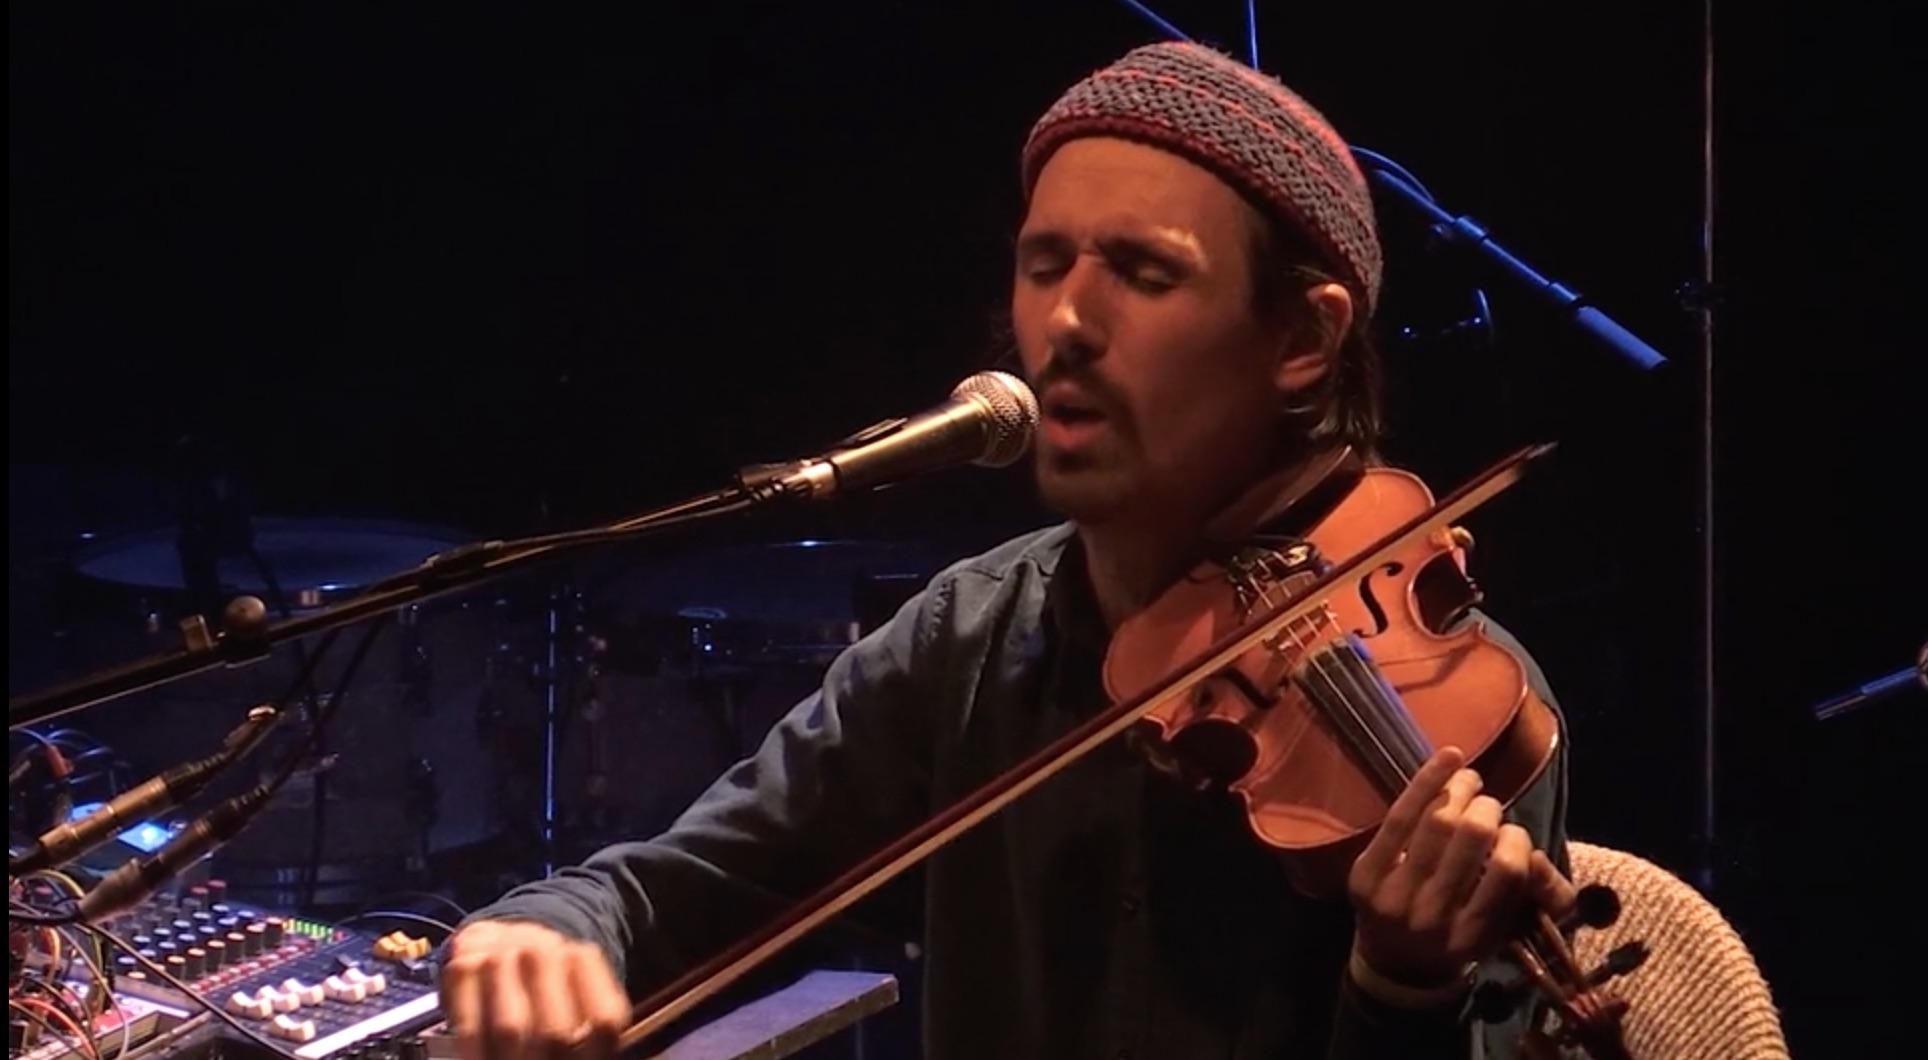 Live à la Dynamo, Pantin 16/01/19 - vidéo Ben Lx